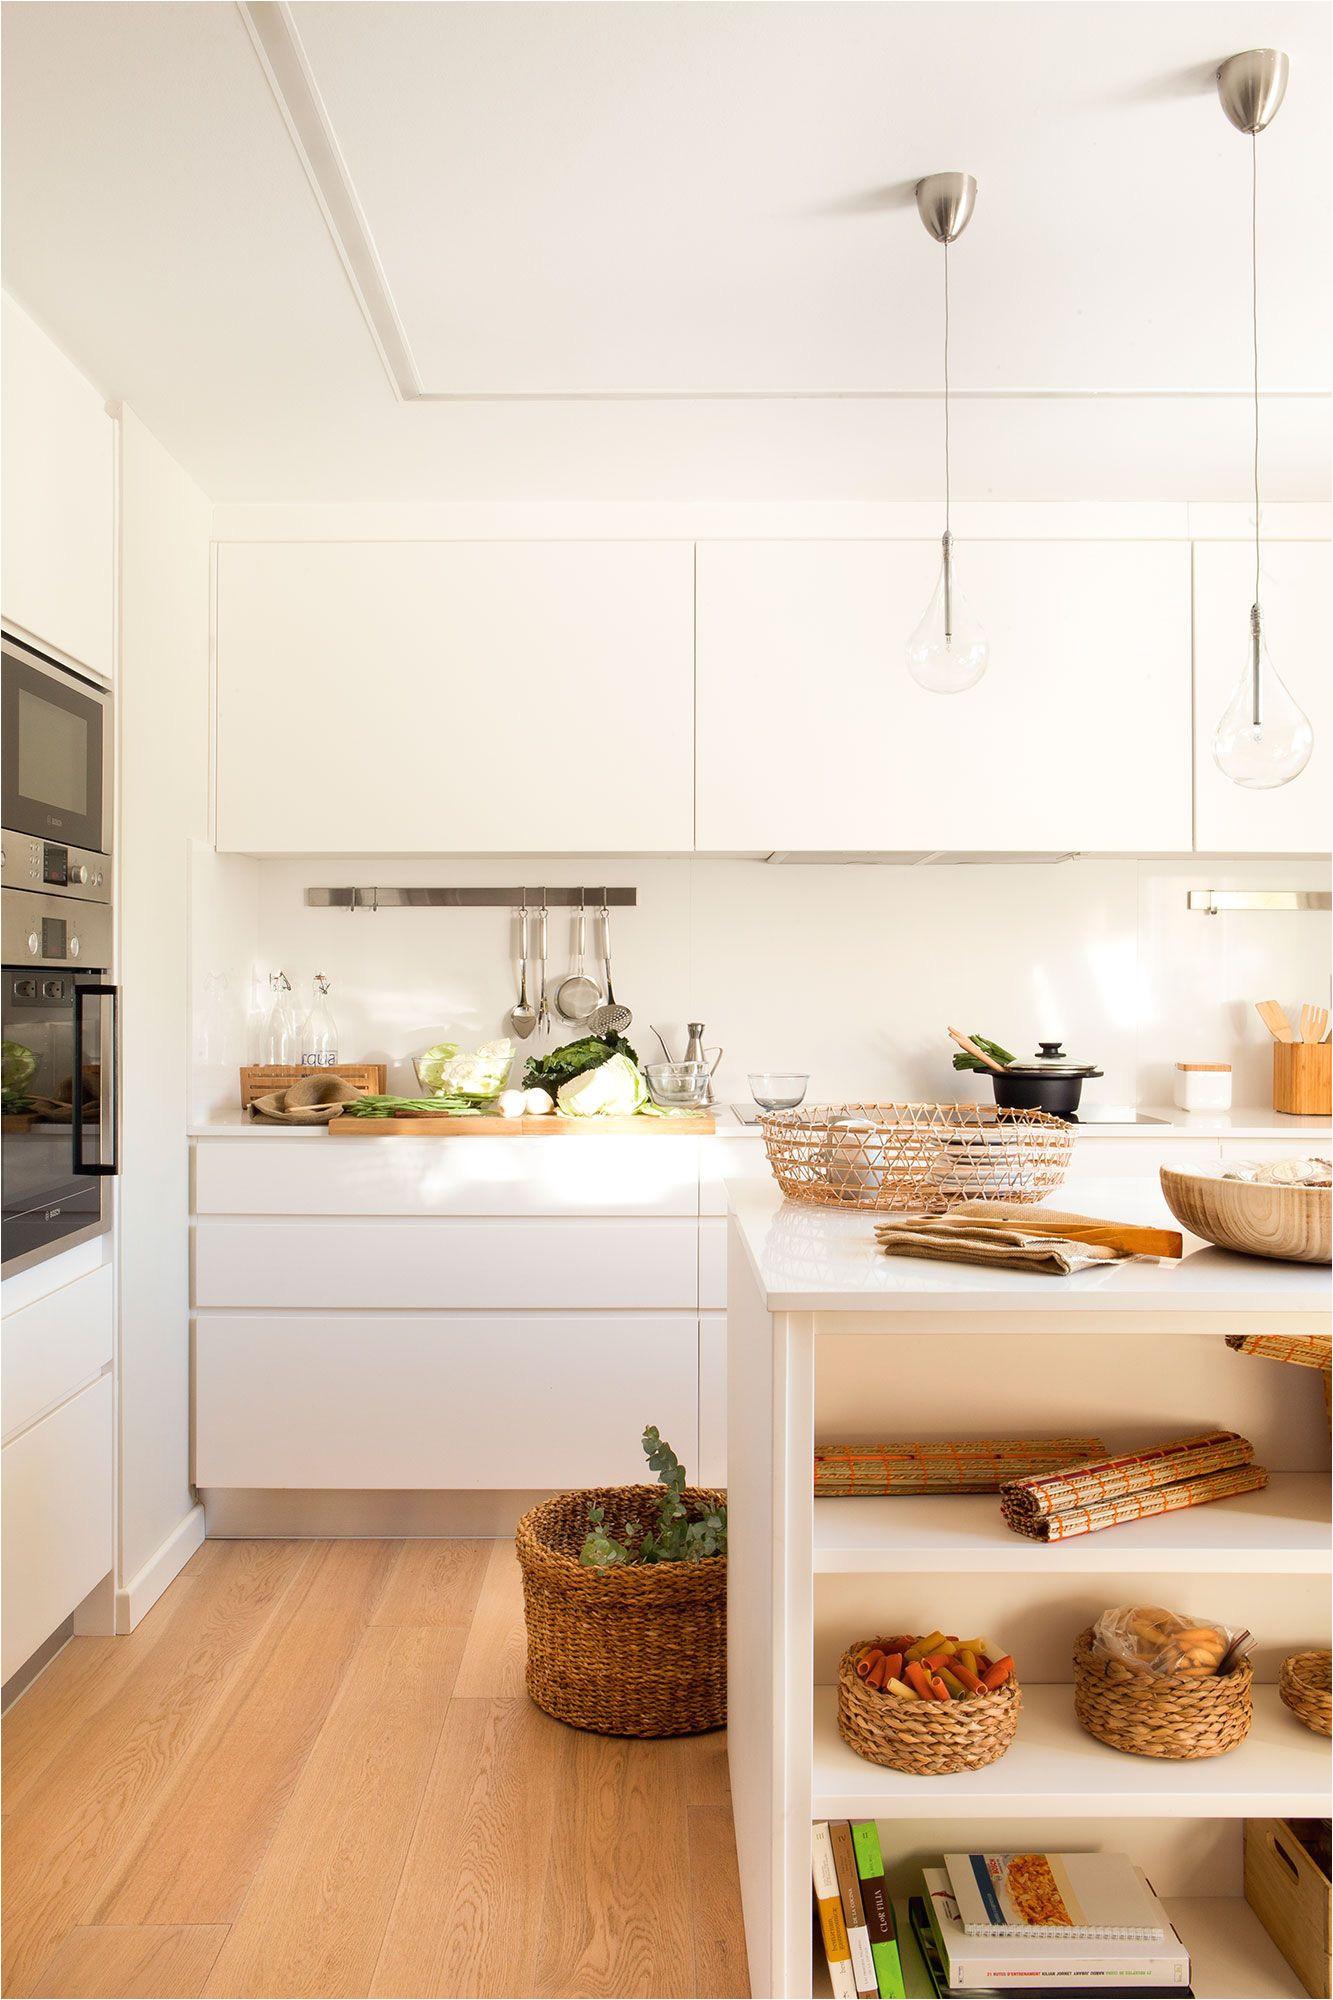 pera suelos para cocinas blancas con motivo de suntuoso cocina en blanco con isla central y suelo de madera concepto para suelos para cocinas blancas jpg